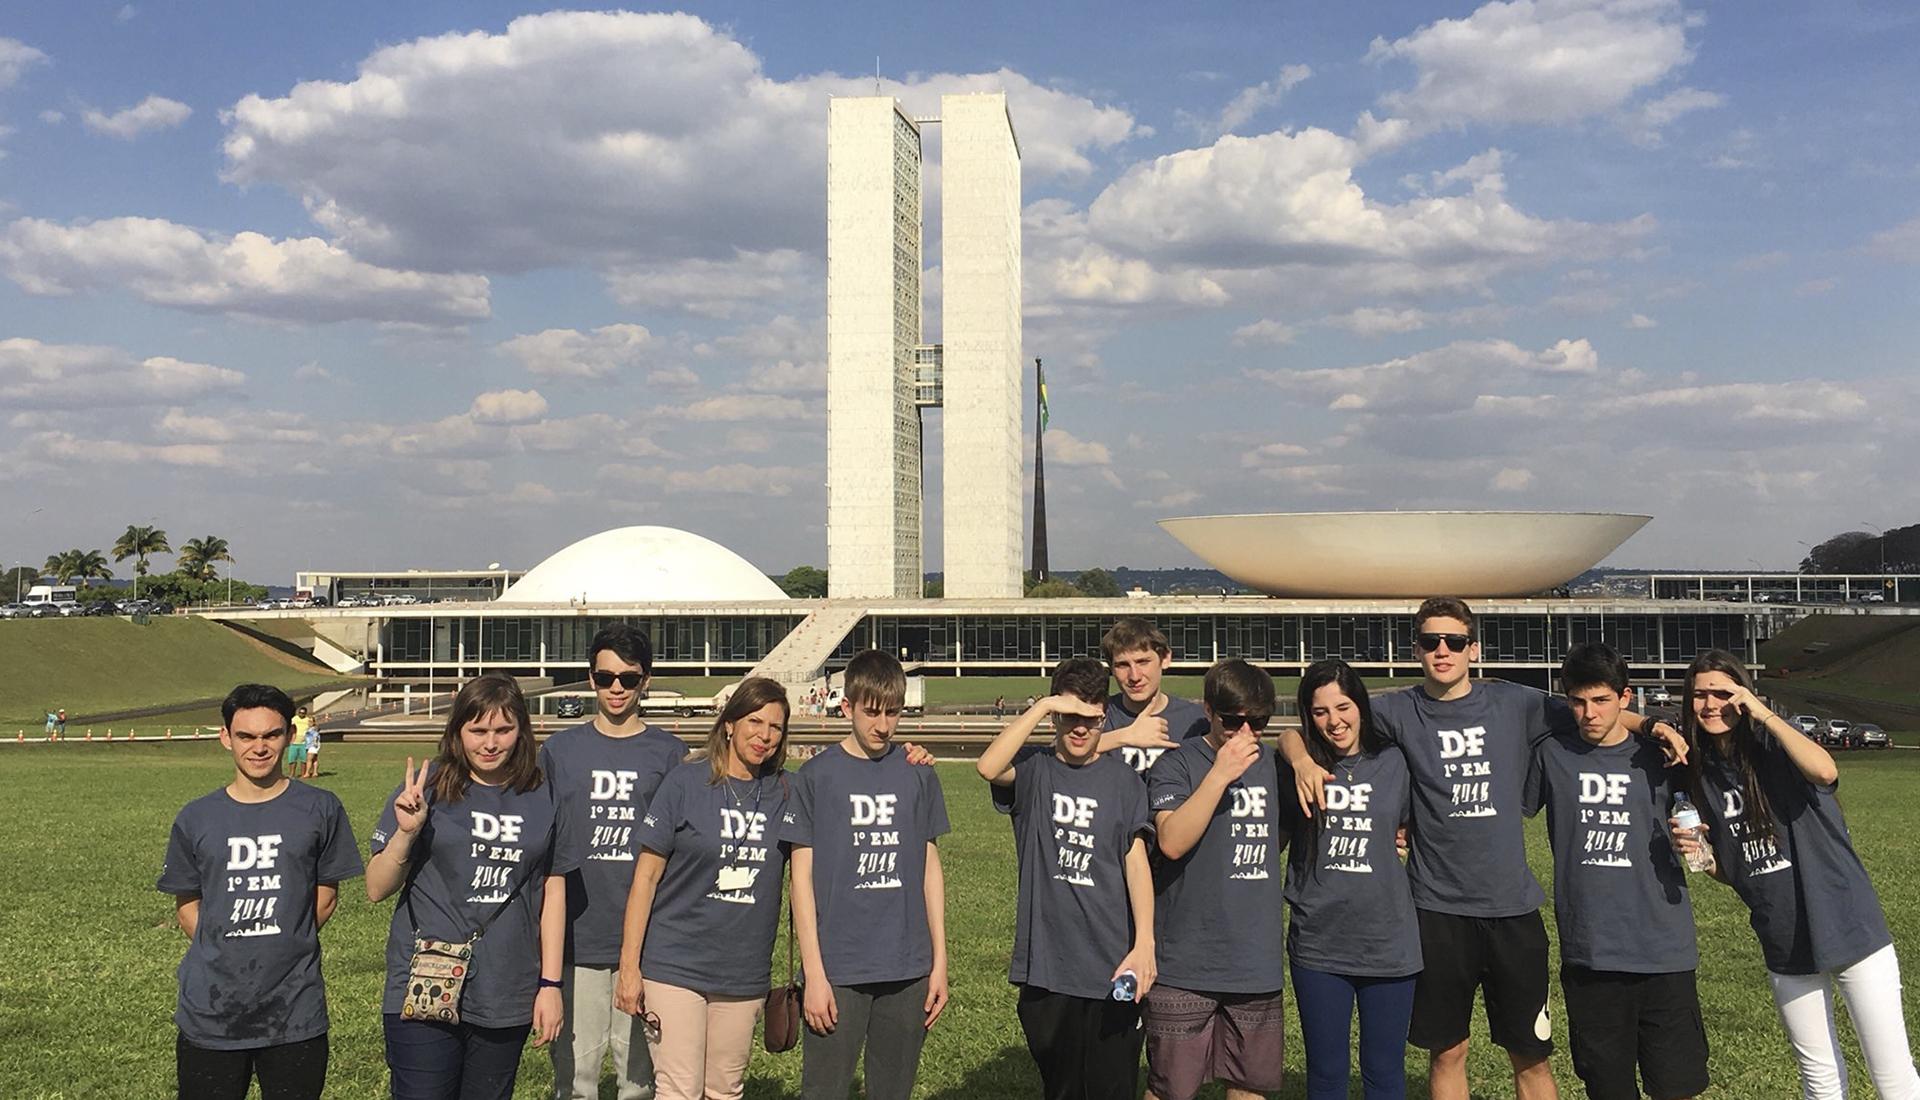 2018_09_28-Brasilia00-capa